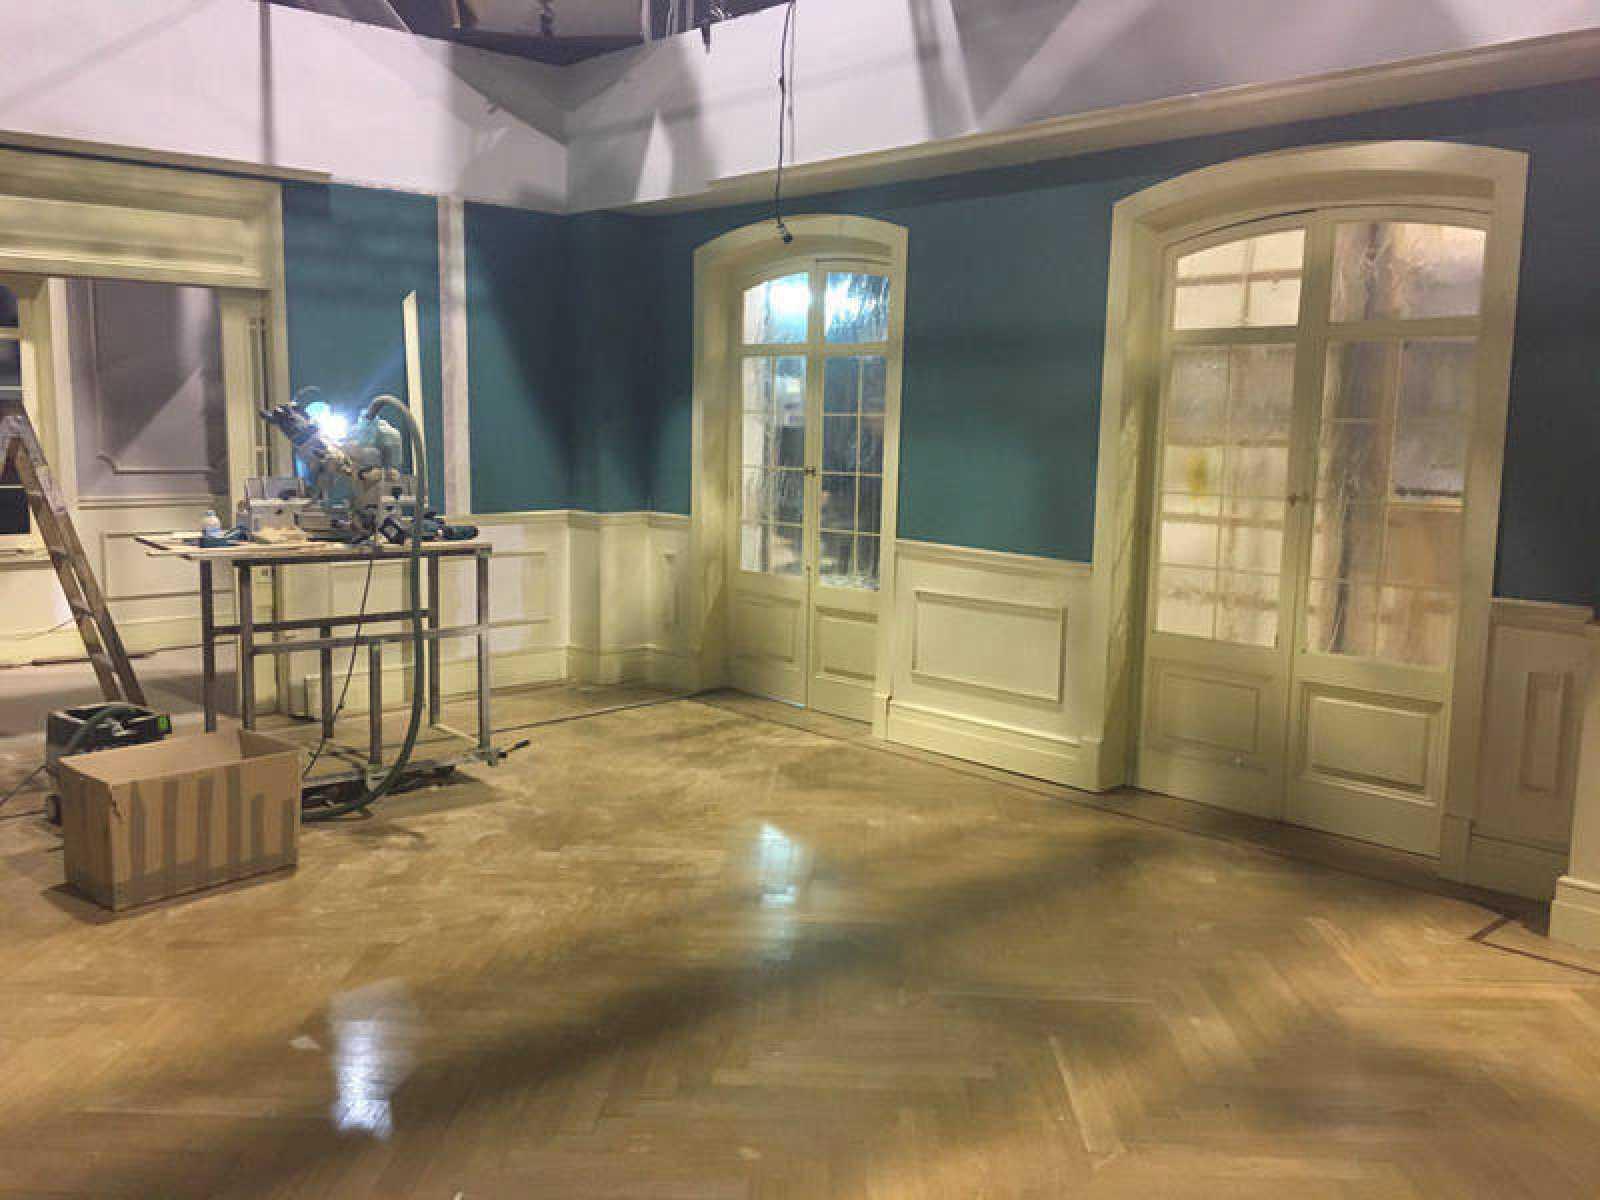 Los decorados interiores de 'Acacias 38' después de su traslado